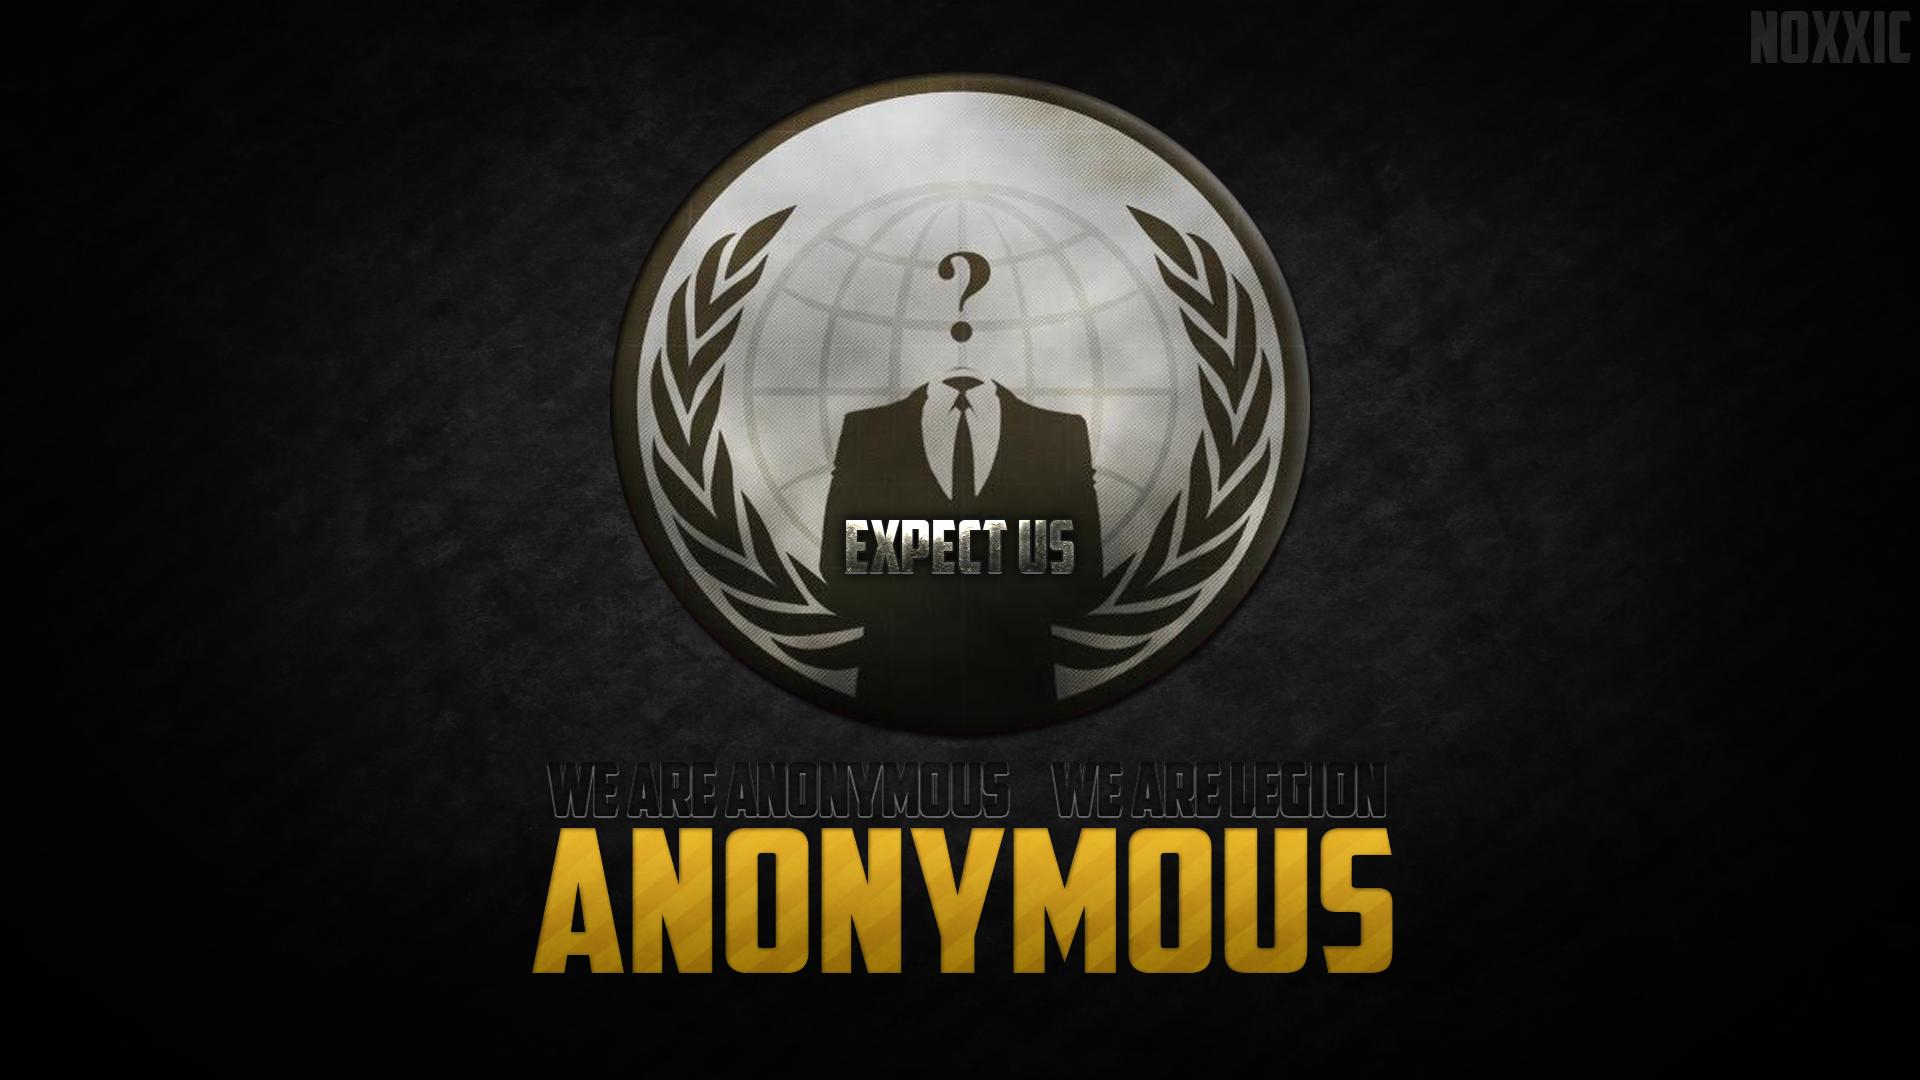 Anonymous HD Wallpapers - WallpaperSafari